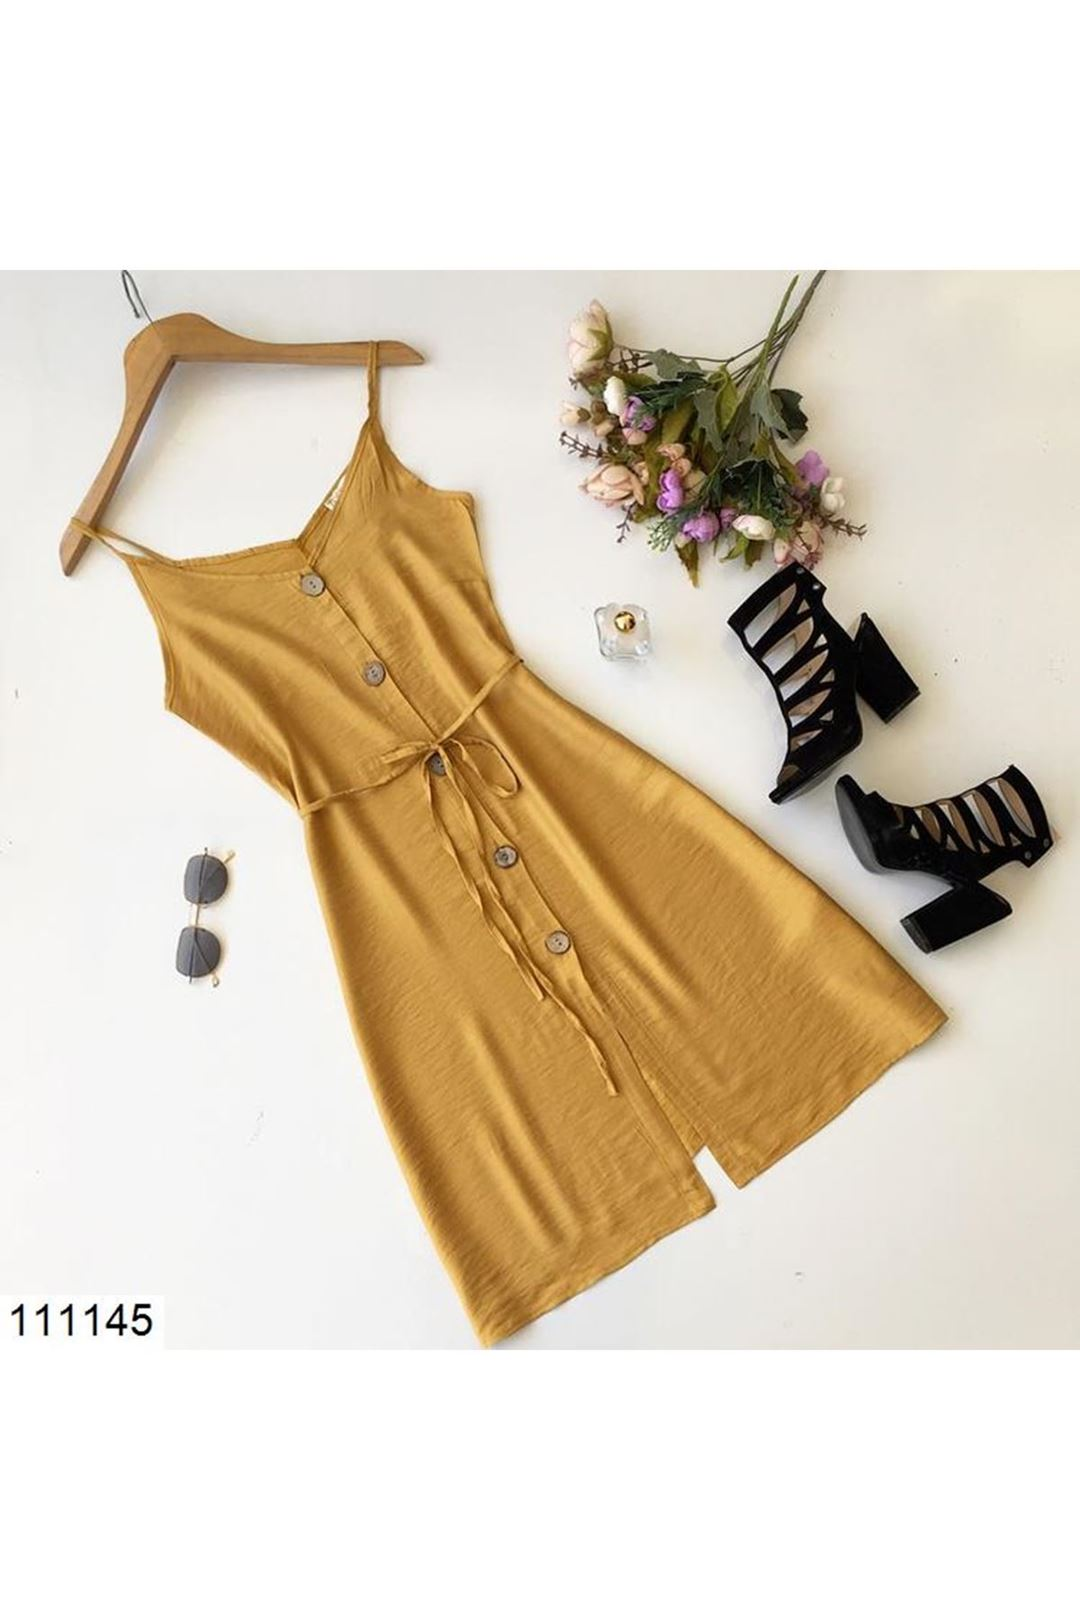 İp Askılı Hardal Kısa Kadın Elbise 111145